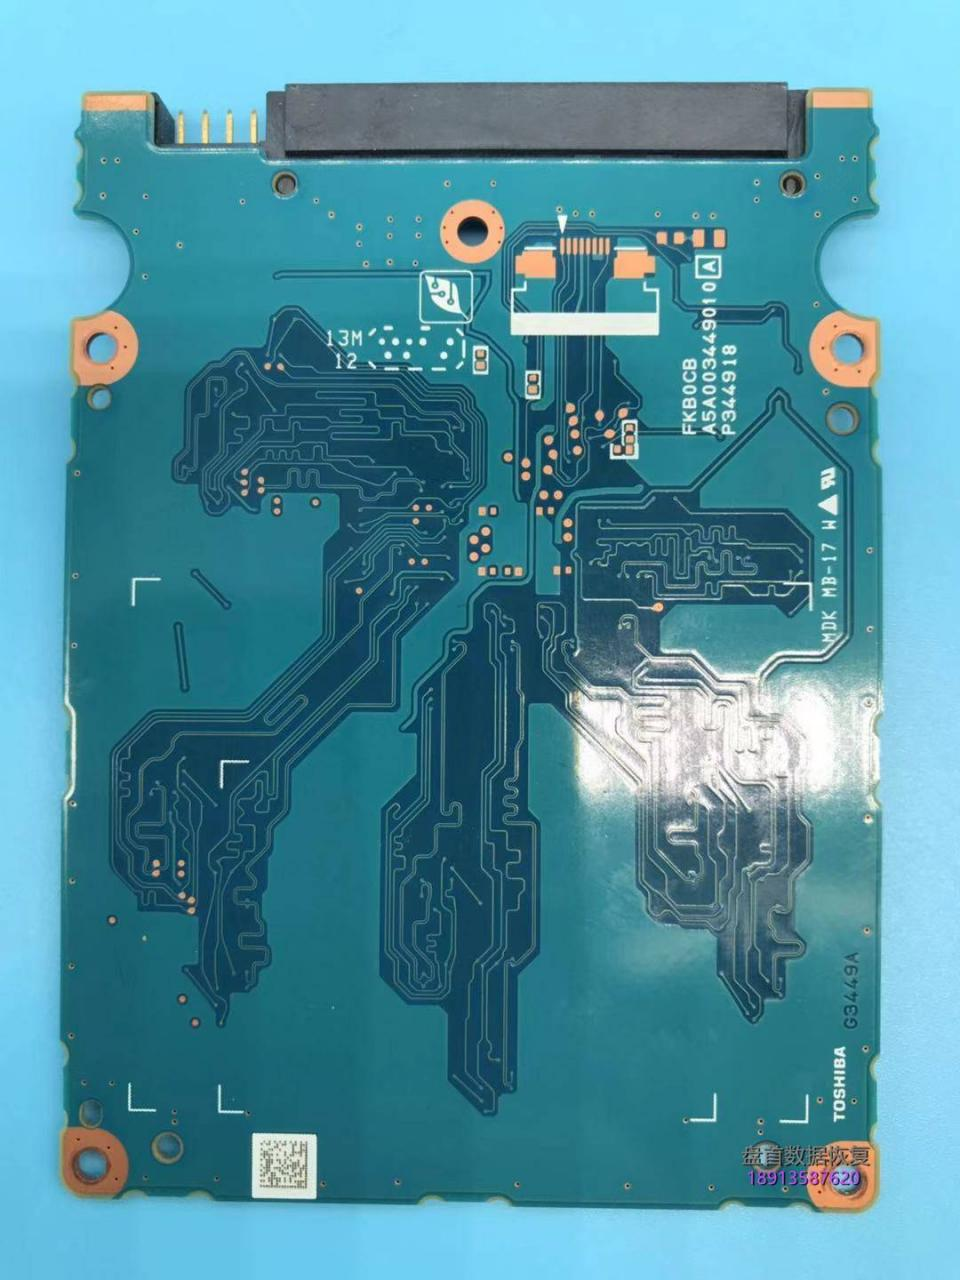 东芝Q Pro系列128G固态硬盘开机卡死挂电脑里死机蓝屏重启数据恢复成功